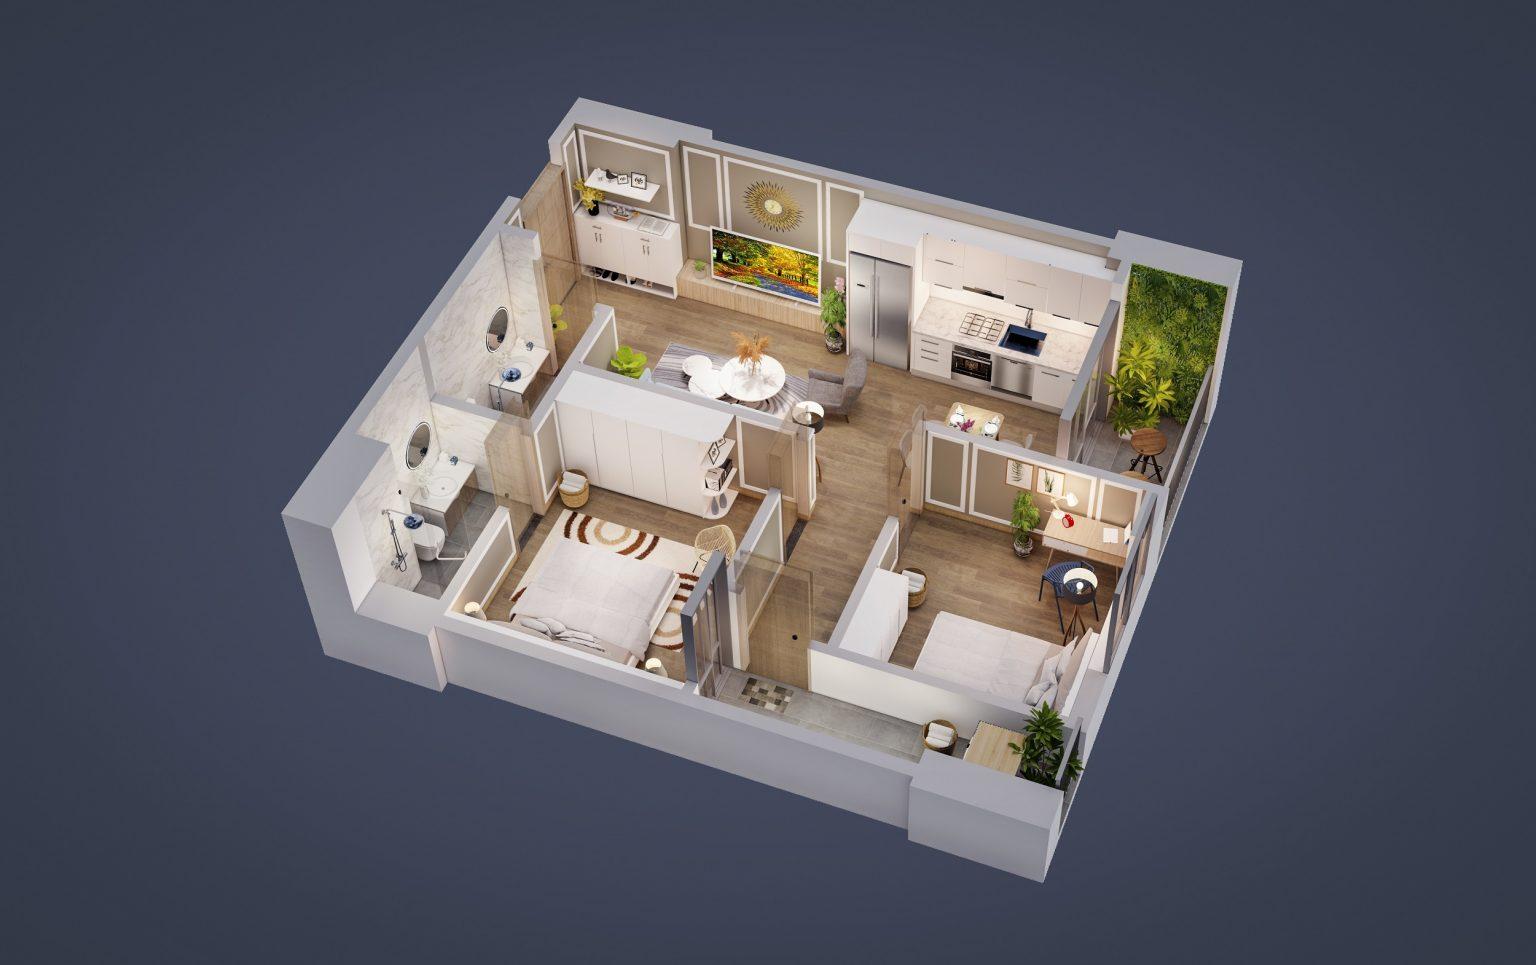 thiết kế tecco diamond căn hộ 2 ngủ